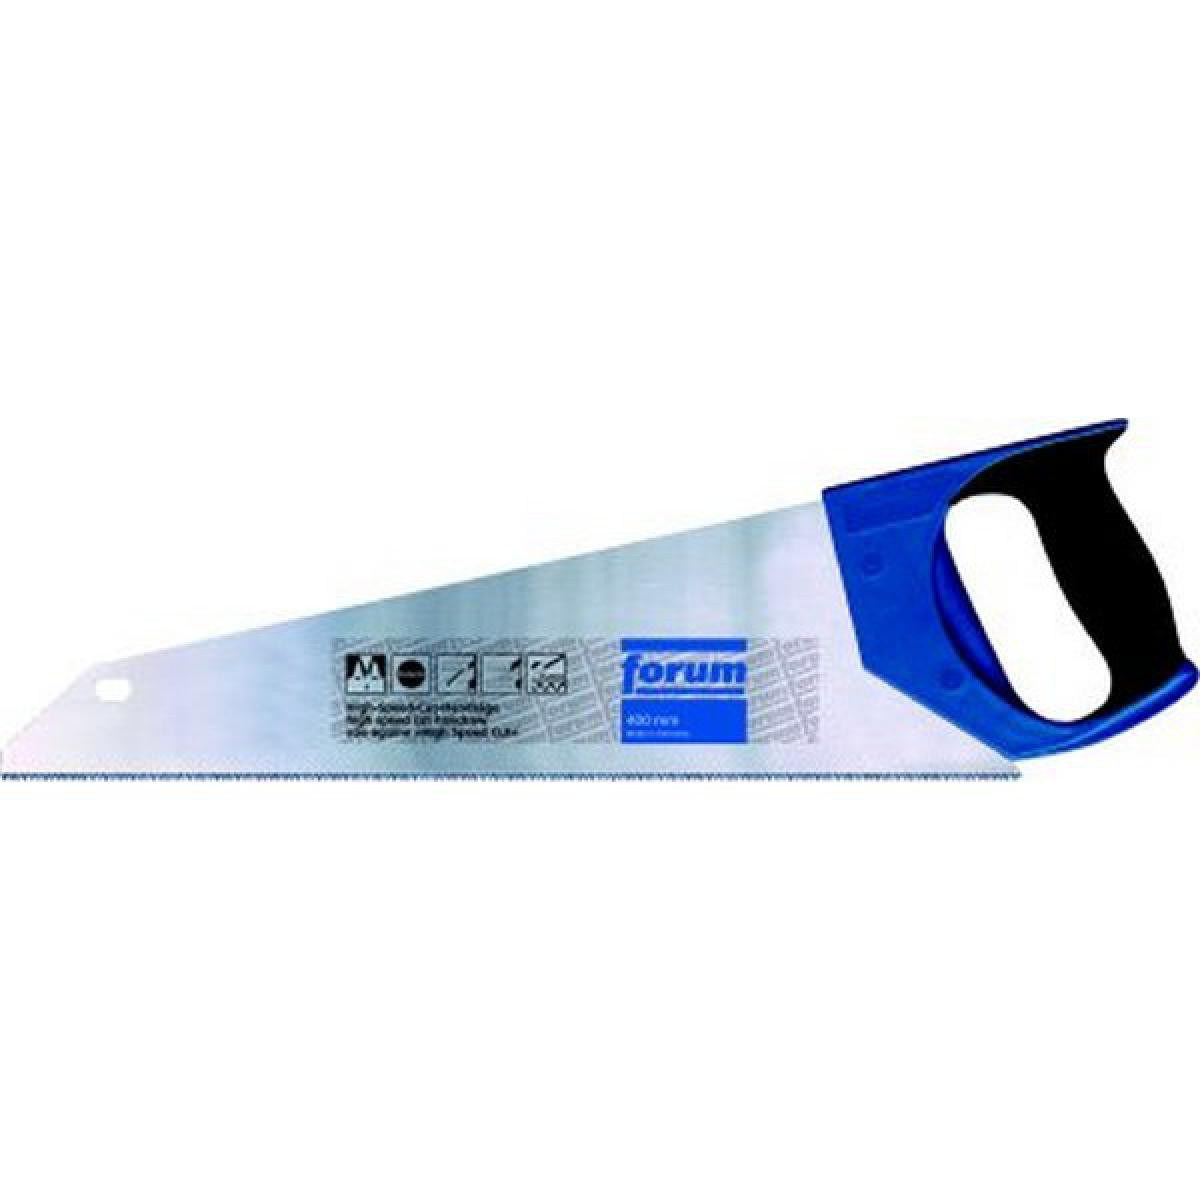 Forum Scie à main avec poignée à 2 composants, longueur de lame : 400 mm, Dents par pouce 11